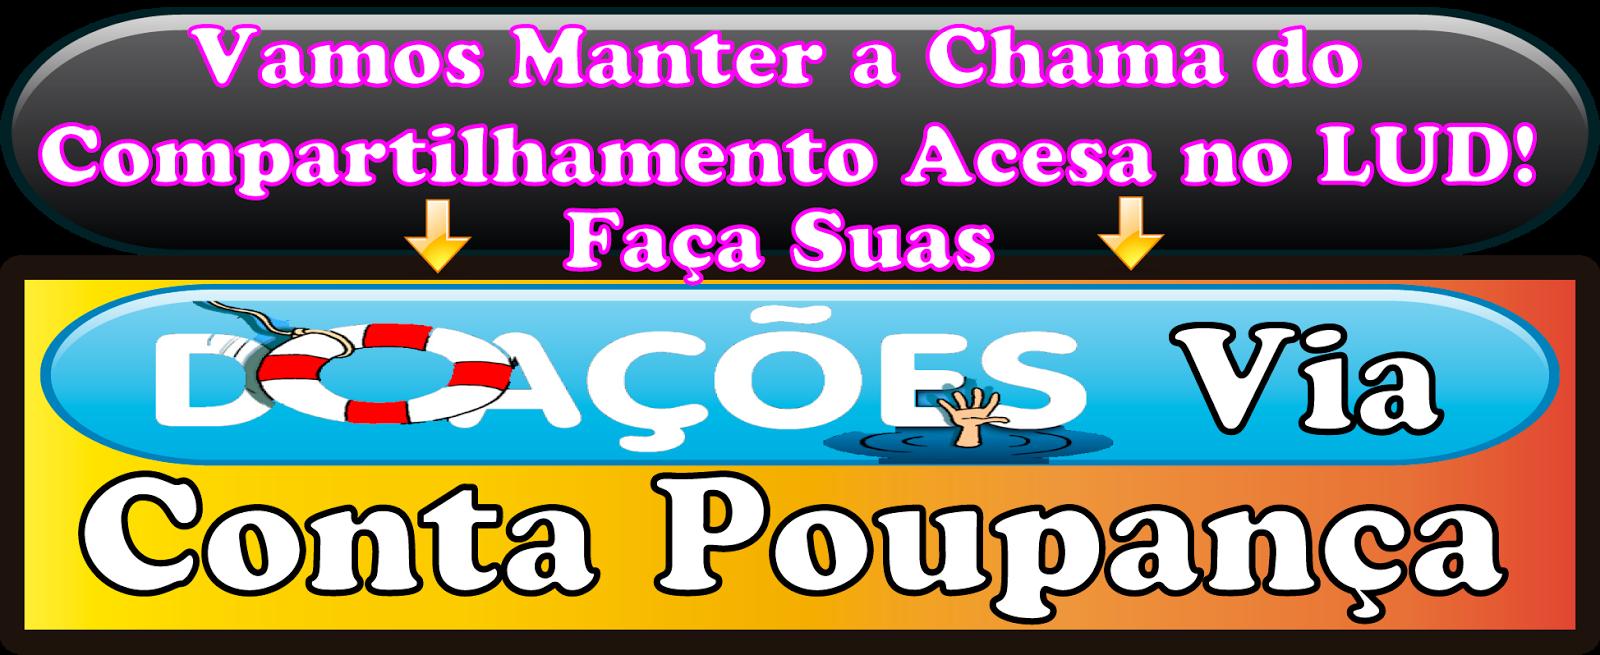 Clique Aqui Para Fazer Sua Doação ao Site Leandro Ultra Downloads